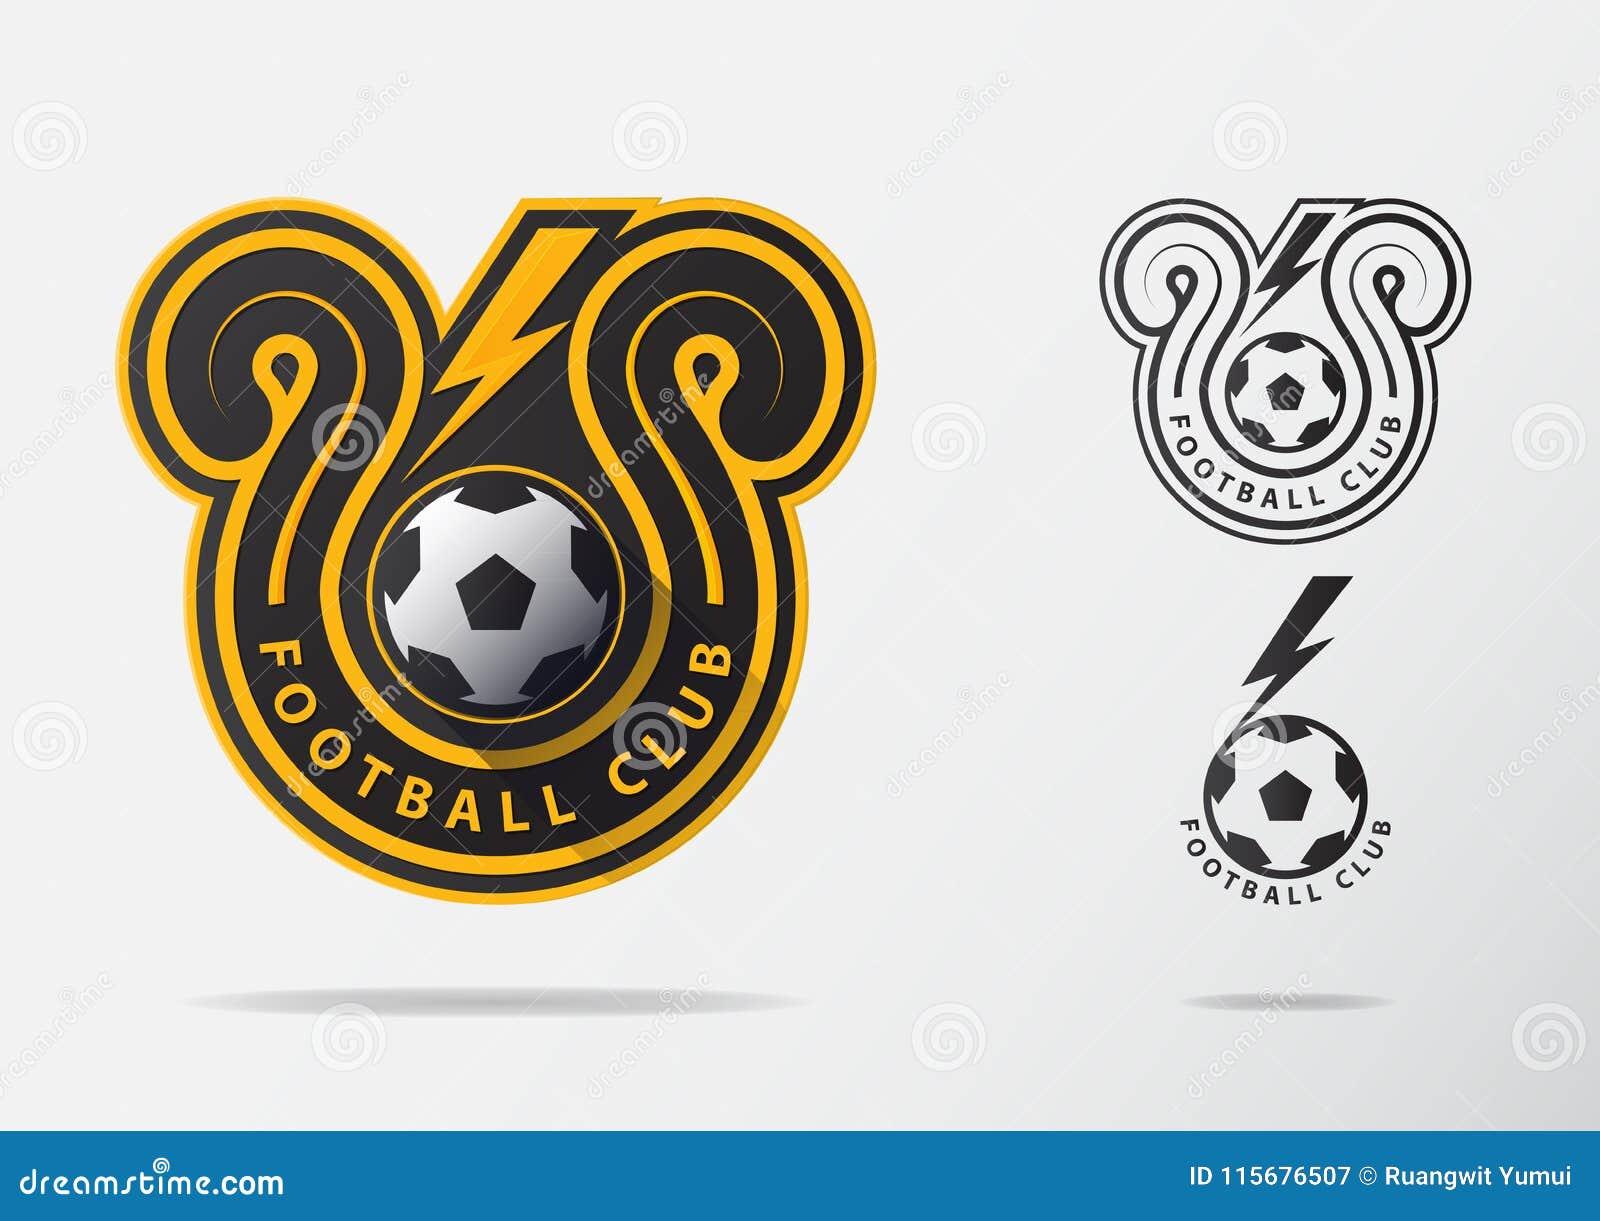 Fotboll- eller fotbollemblem Logo Design för fotbollslag Minsta design av guld- åskvigg och den svartvita fotbollbollen